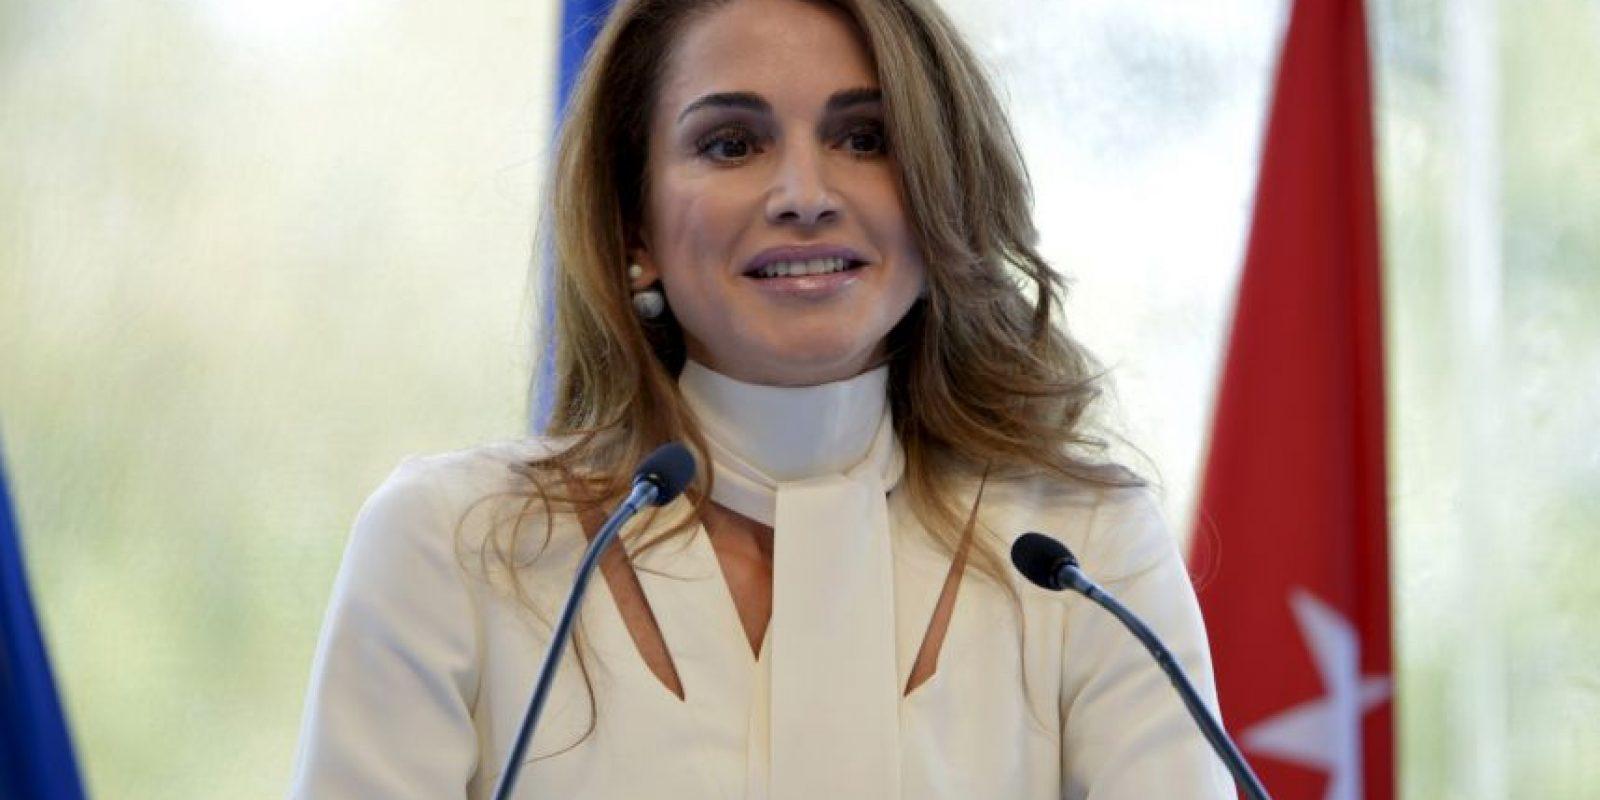 La reina Rania también pidió apoyo del extranjero. Foto:AFP